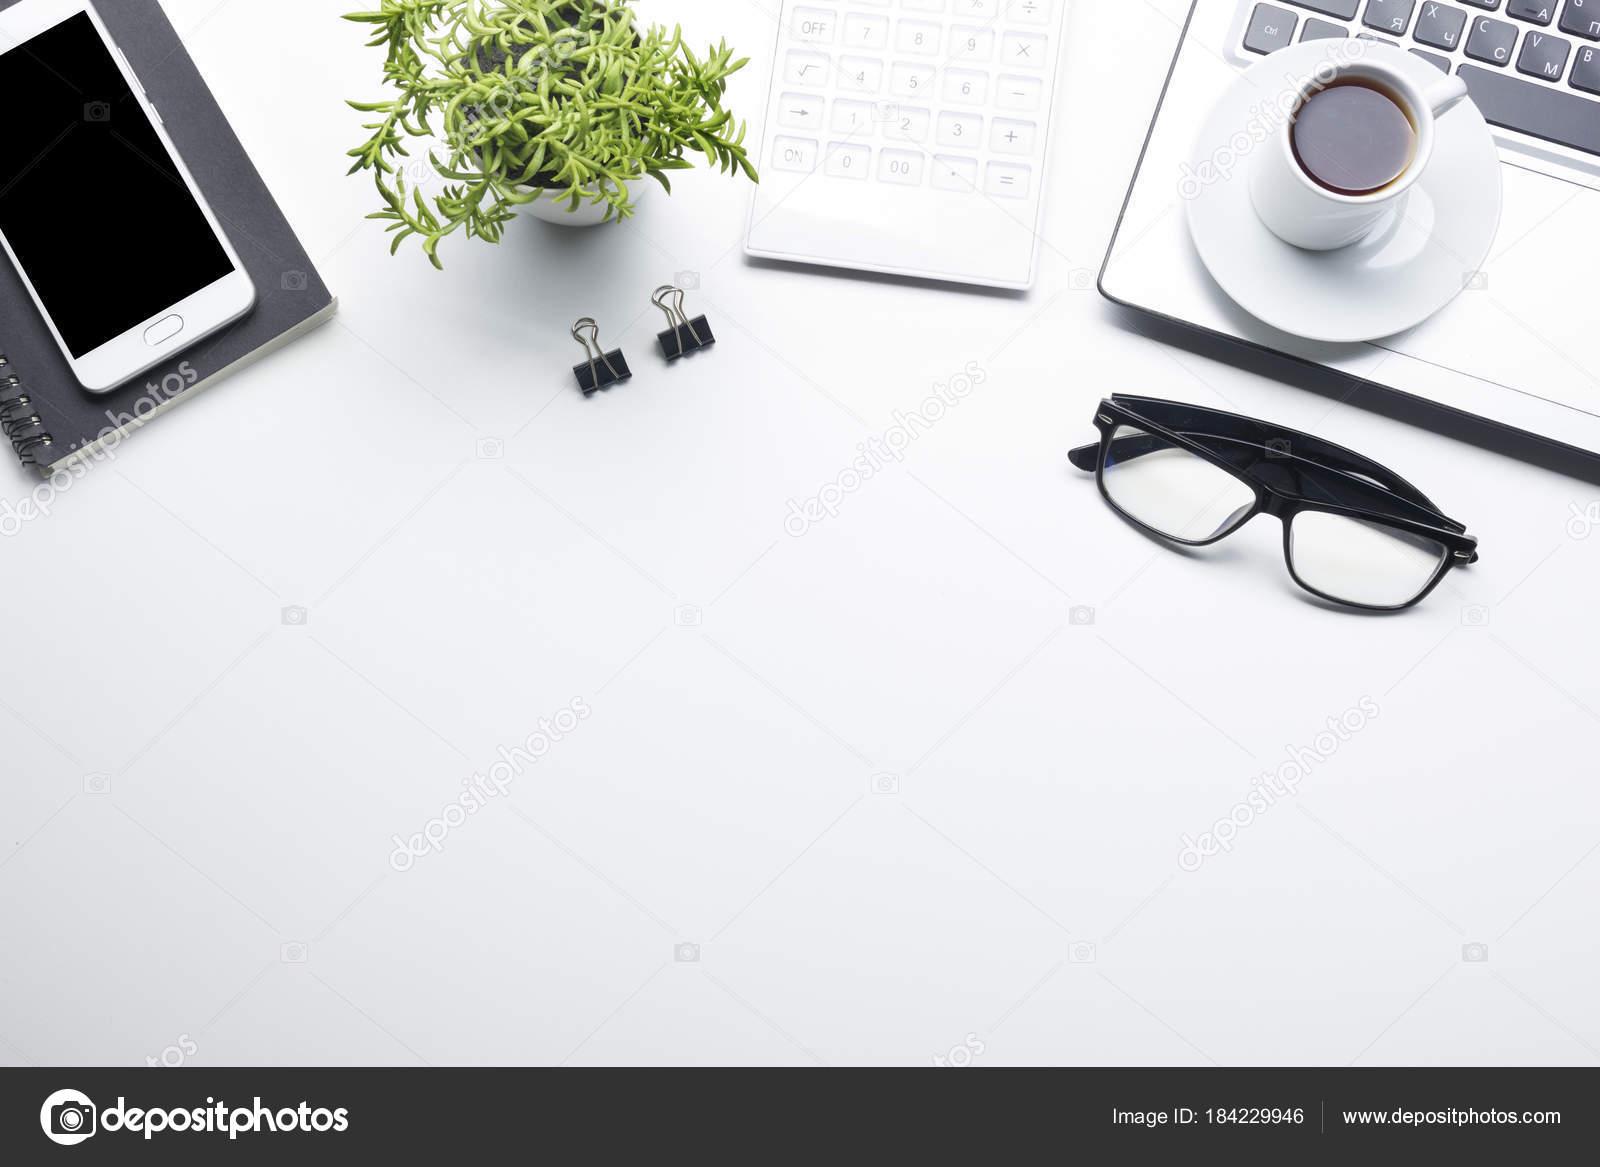 Scrivania Ufficio Oggetti : Tavolo scrivania da ufficio con forniture. appartamento laici